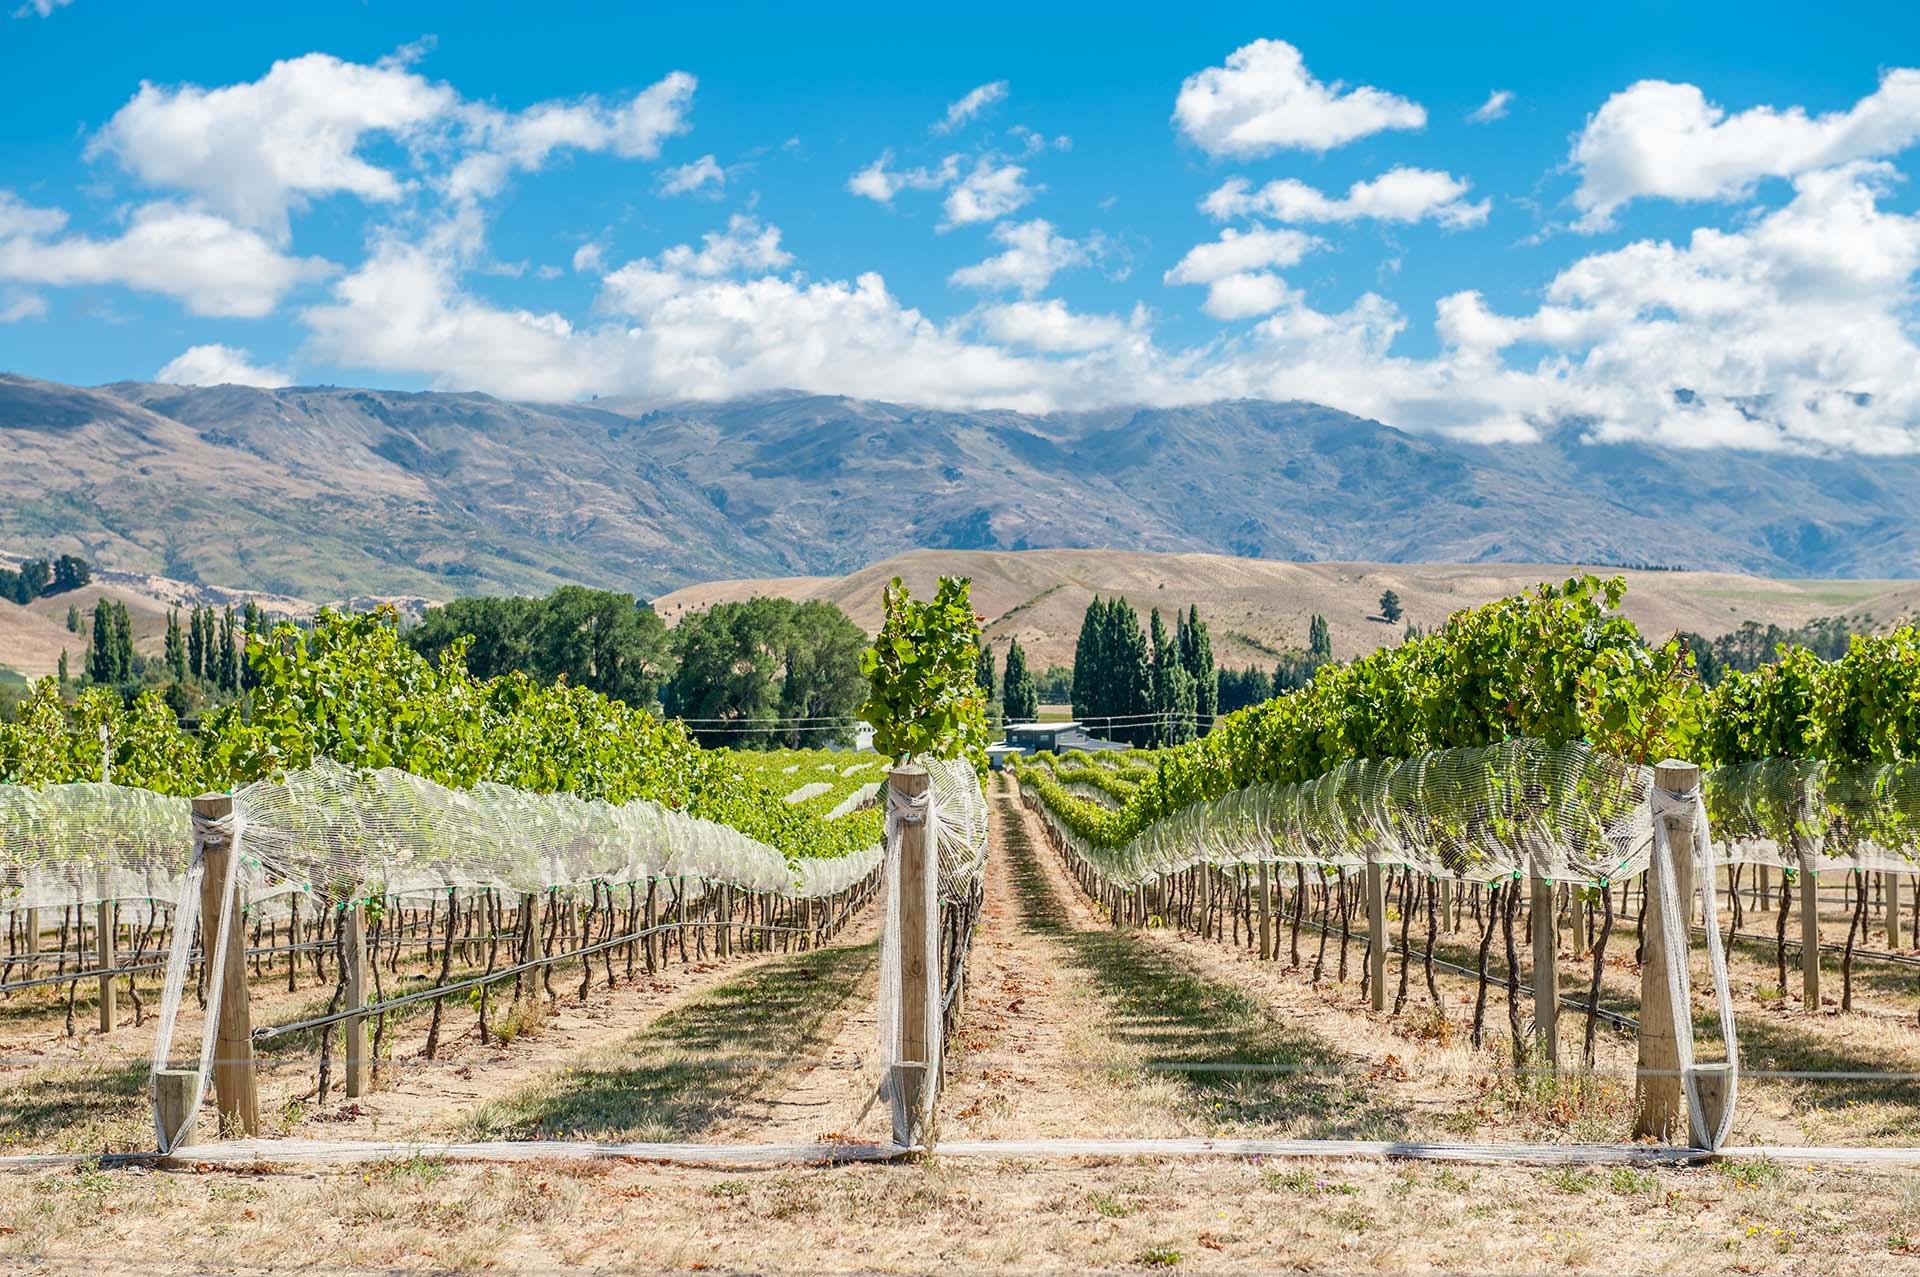 En la séptima región vinícola más grande de Nueva Zelanda, Central Otago, el viajero estará lejos de las multitudes y descubrirá algunos de los mejores Pinot Noir del mundo que crecen entre espectaculares paisajes alpinos. Aquí se encuentran los viñedos más australes de Nueva Zelanda y es la única región vinícola en la Tierra que ofrece una combinación de degustación de vinos y aventuras extremas: de bungy jumping a paracaidismo